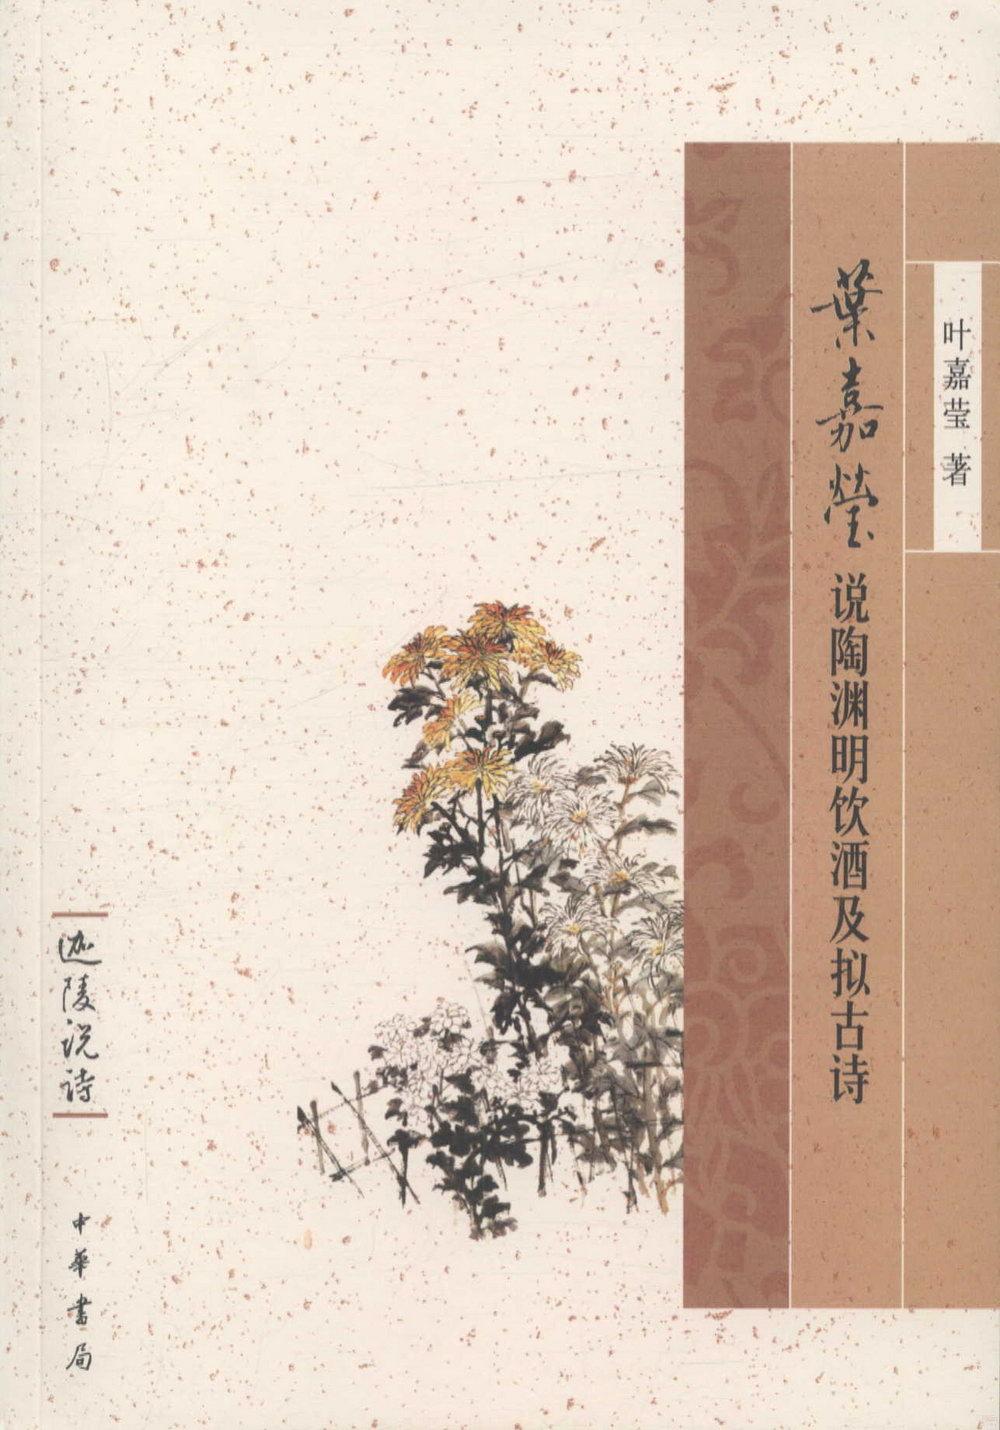 葉嘉瑩說陶淵明飲酒及擬古詩 /